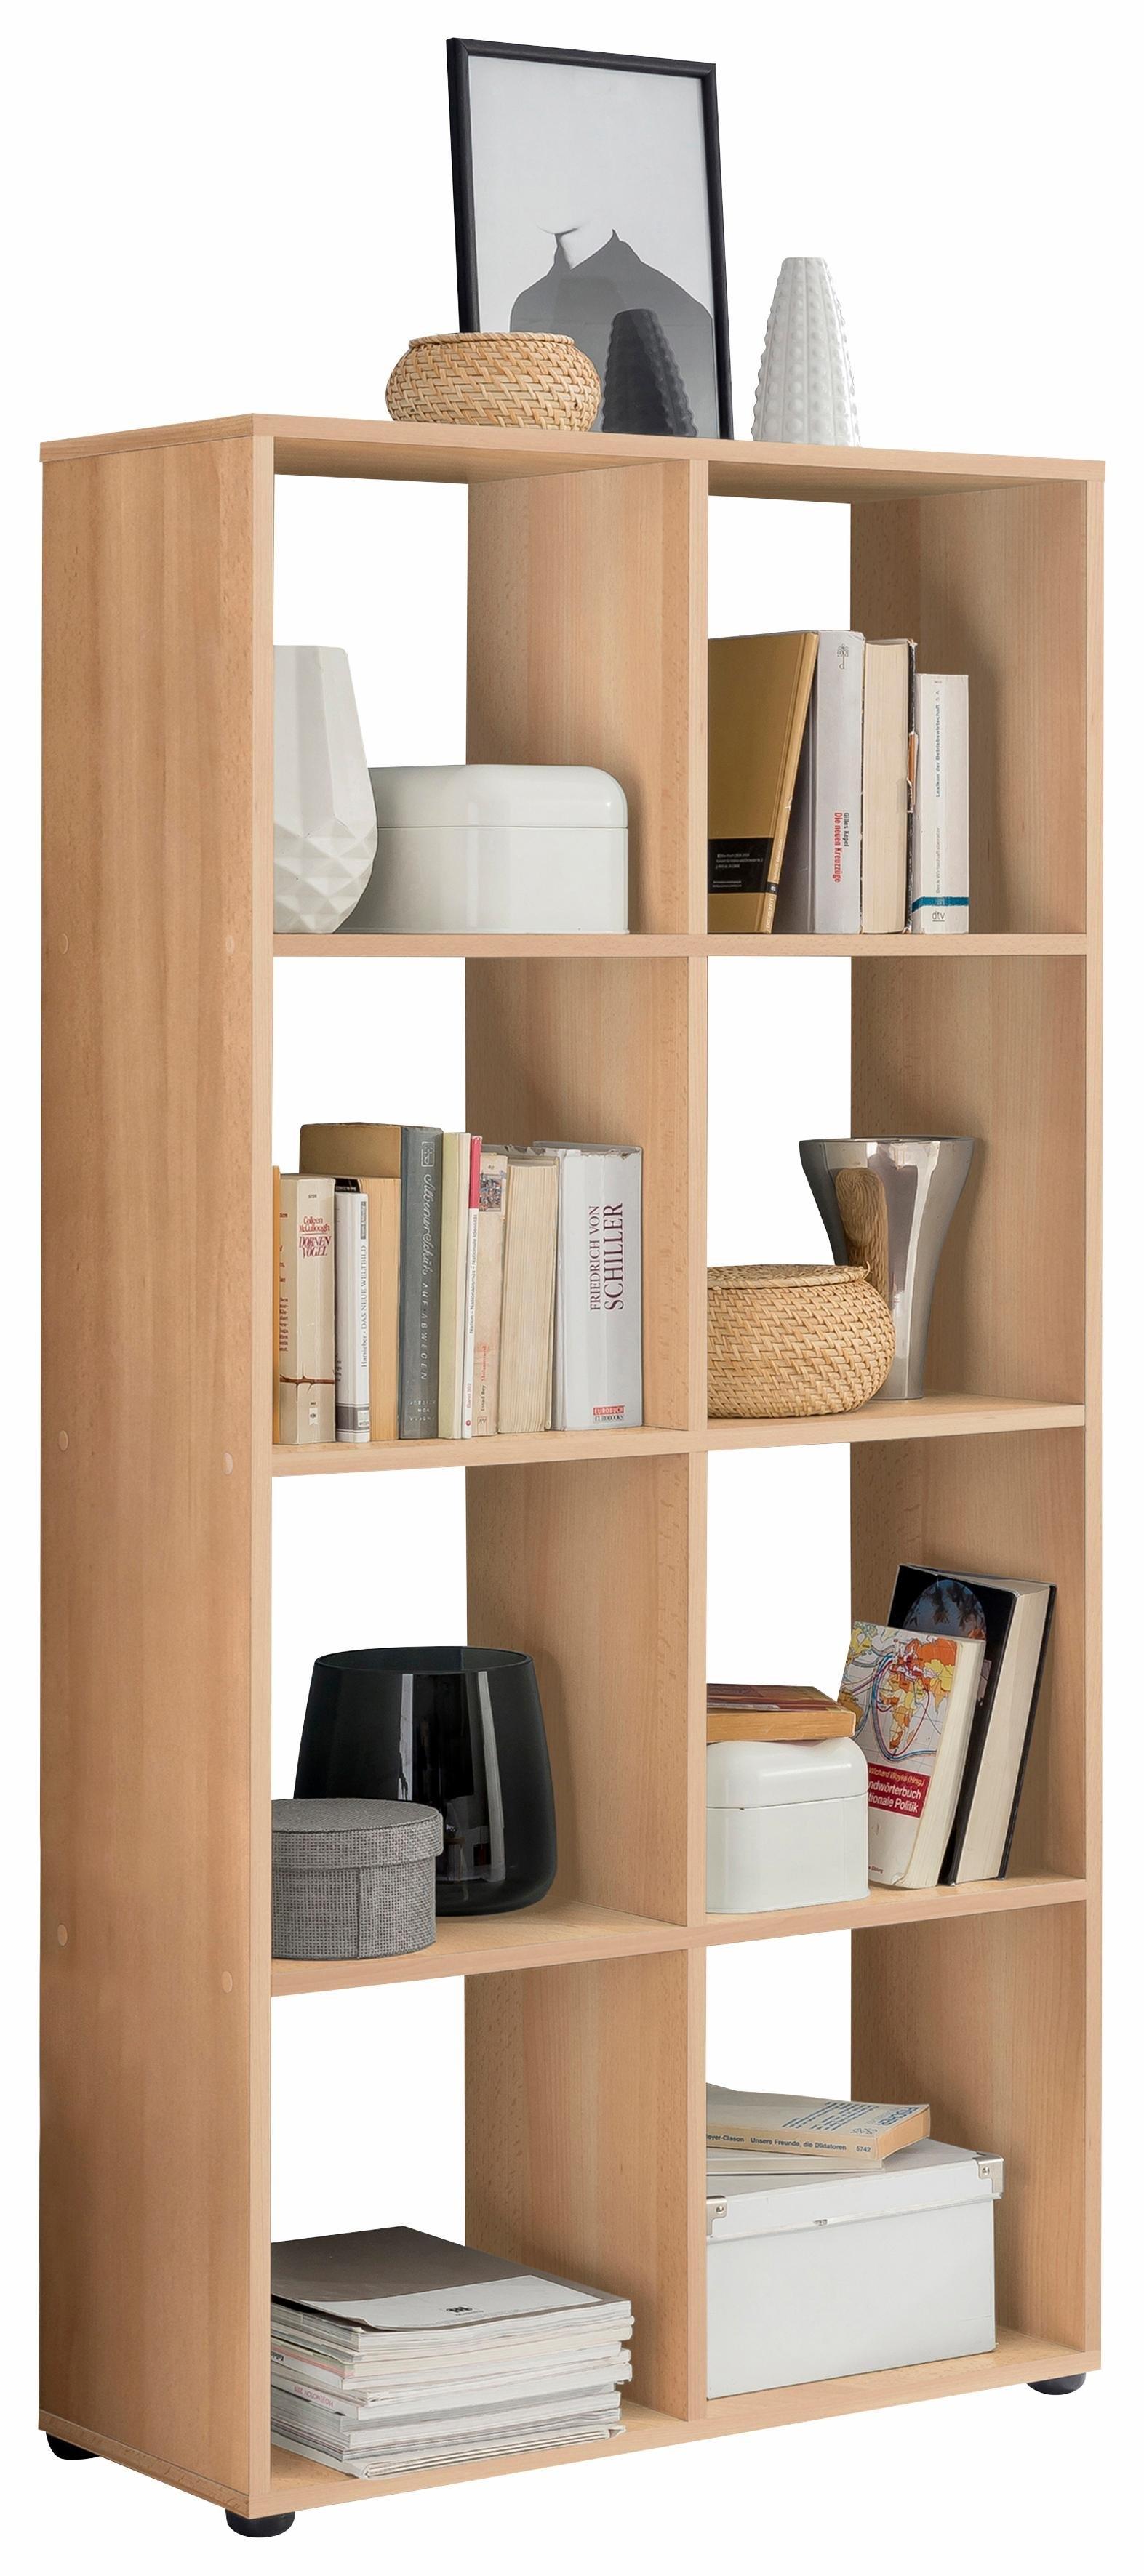 Boekenkasten & boekenrekken online kopen? Klik hier | OTTO